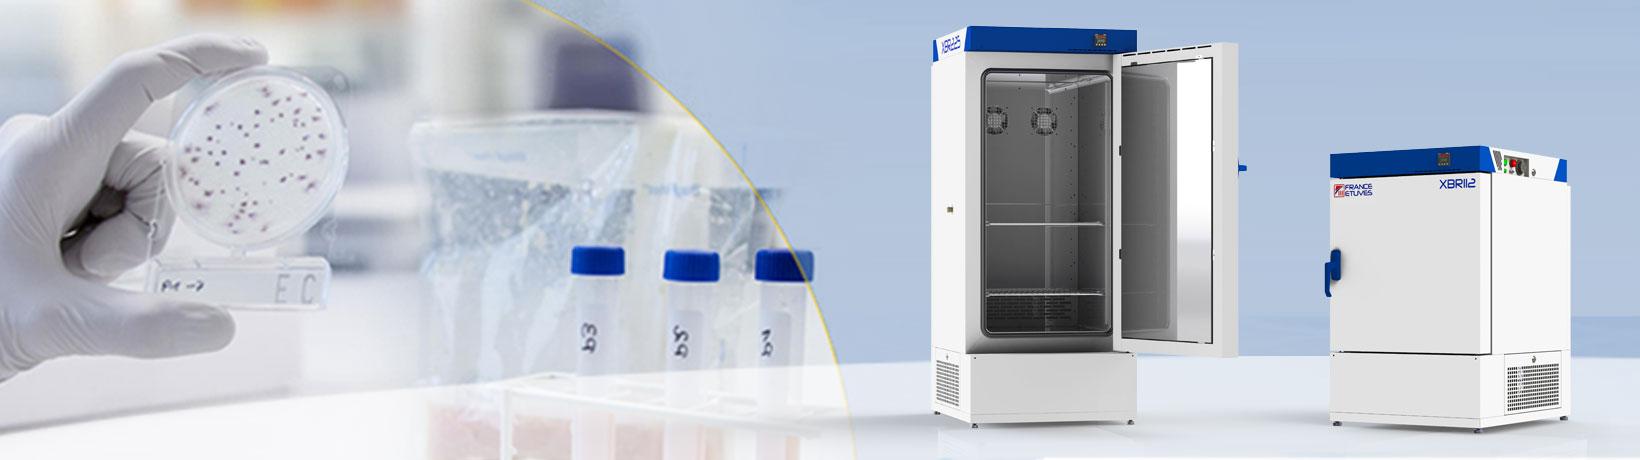 France Etuves XBR Cooled Incubators